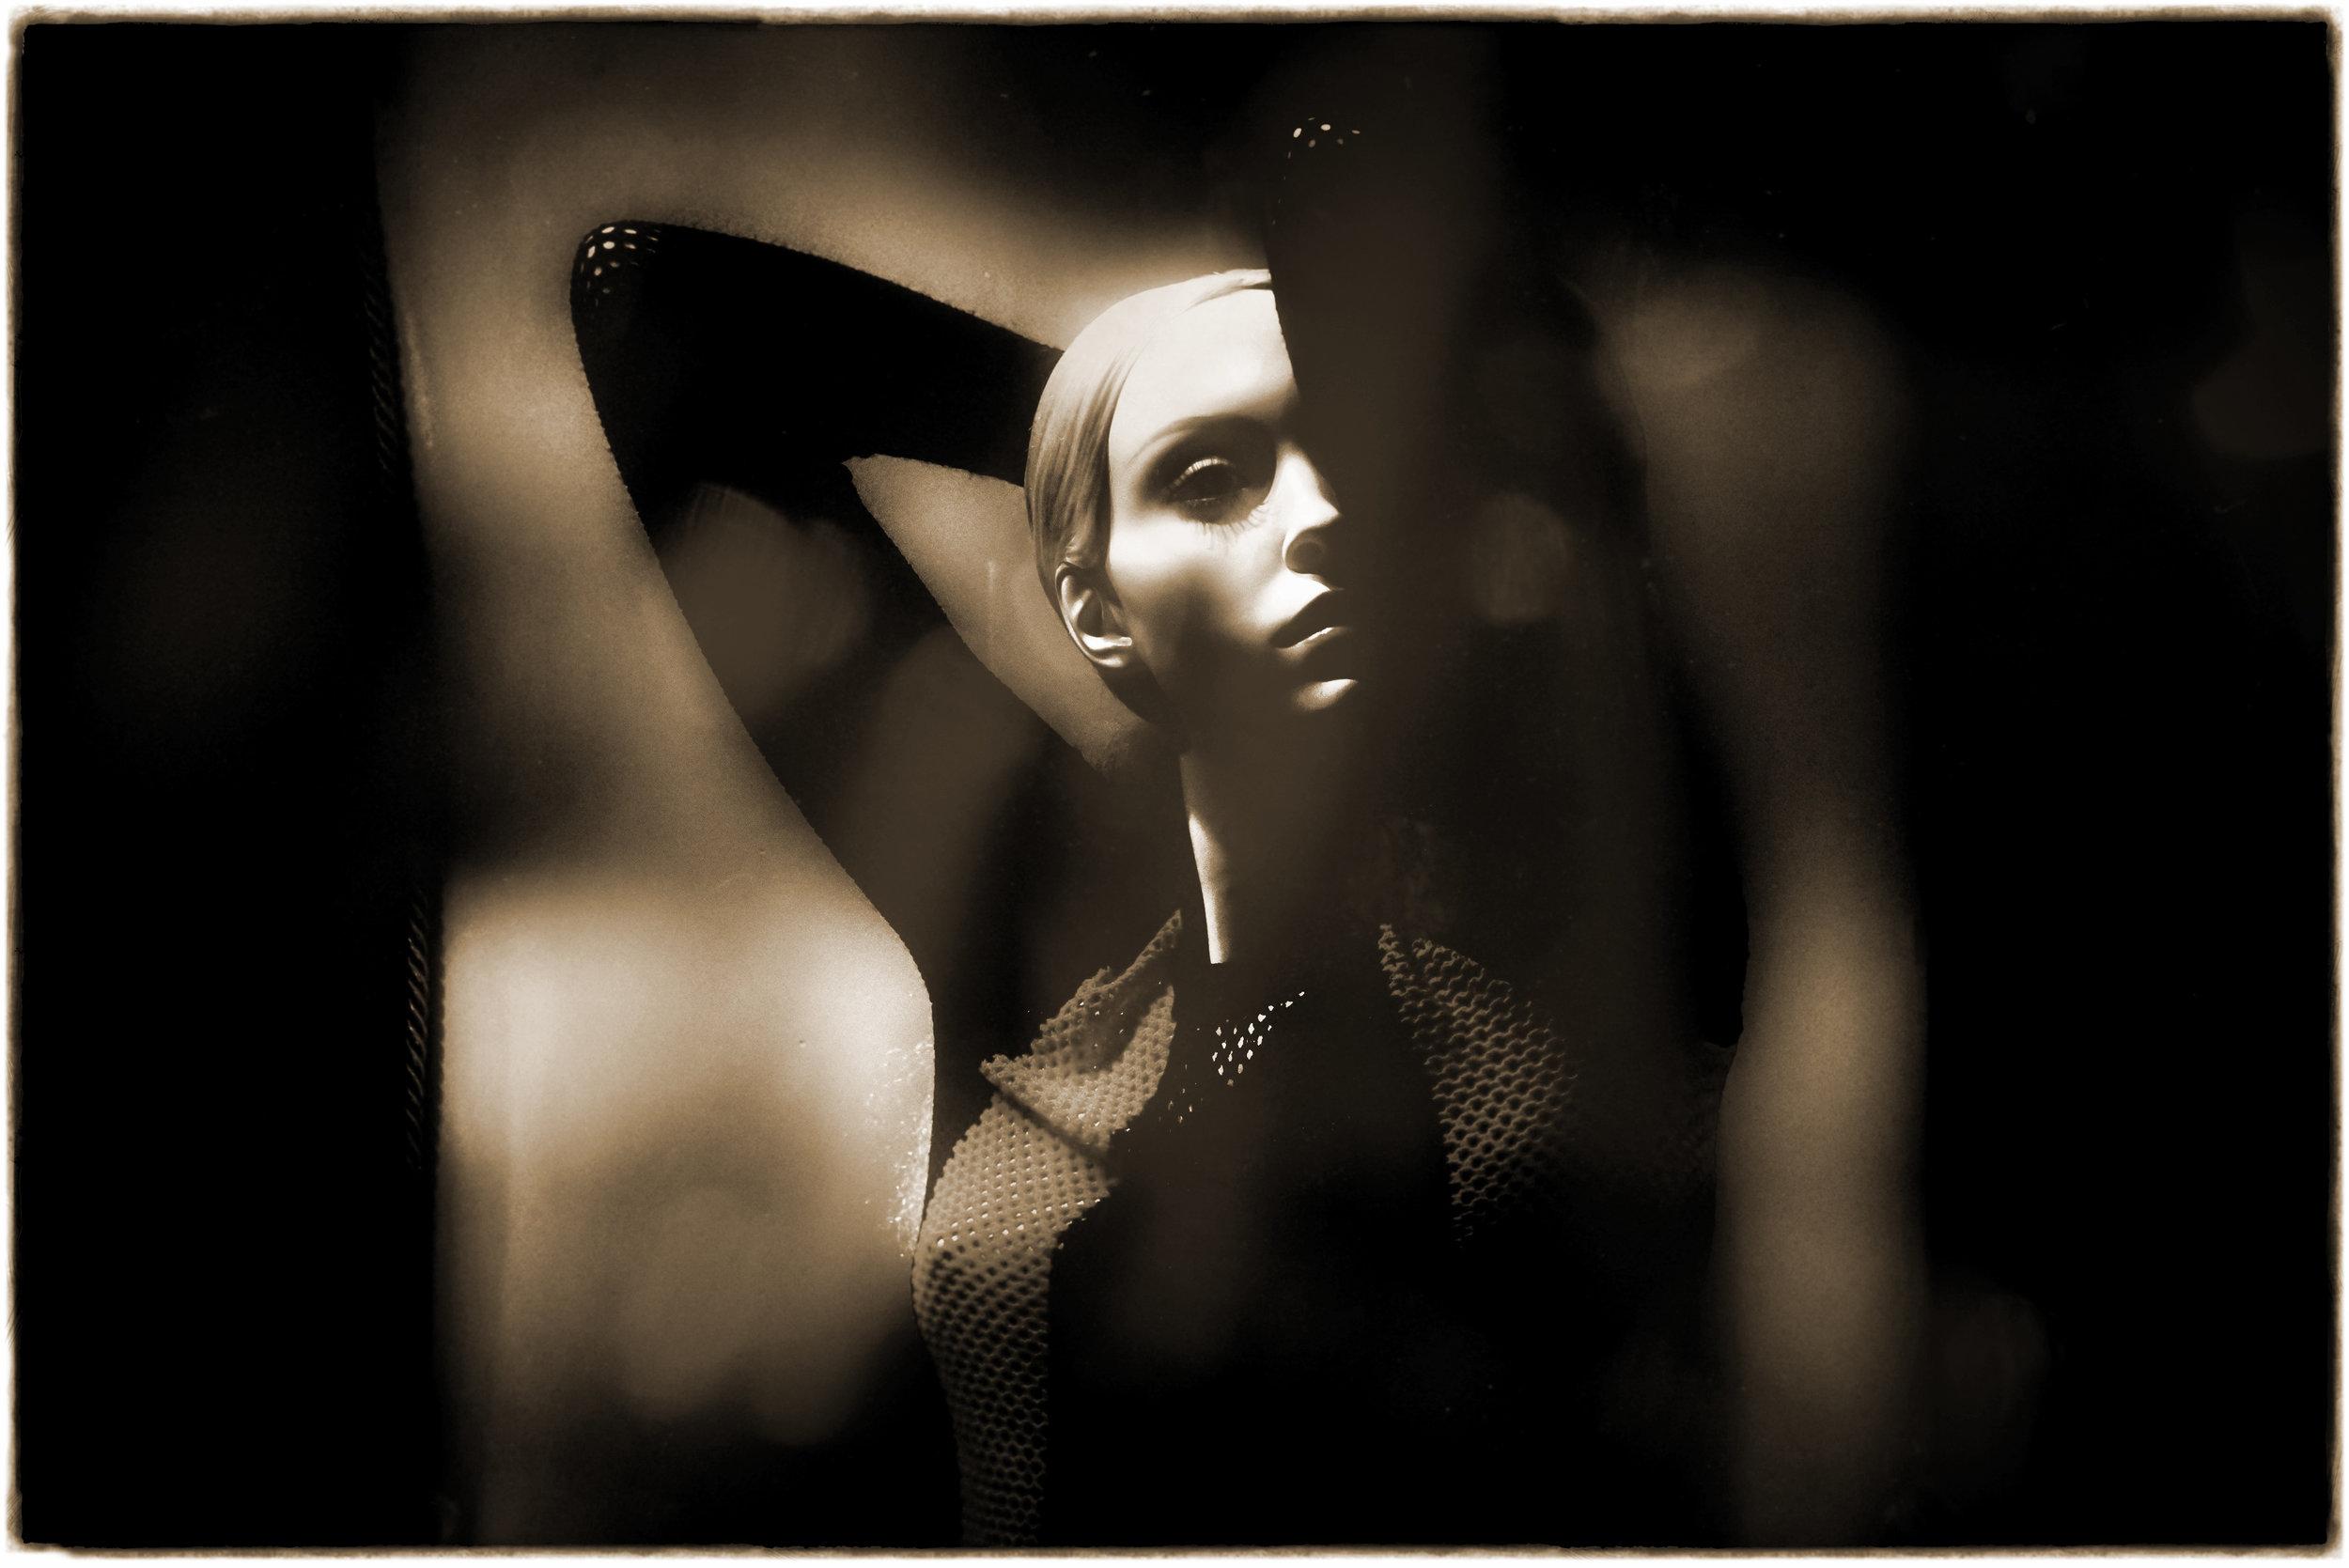 _DSC0289 12x8+SEPIA+Darkerx2+Underground+Ton HiCon Portrait+Ton TofRed-IncSat.jpg